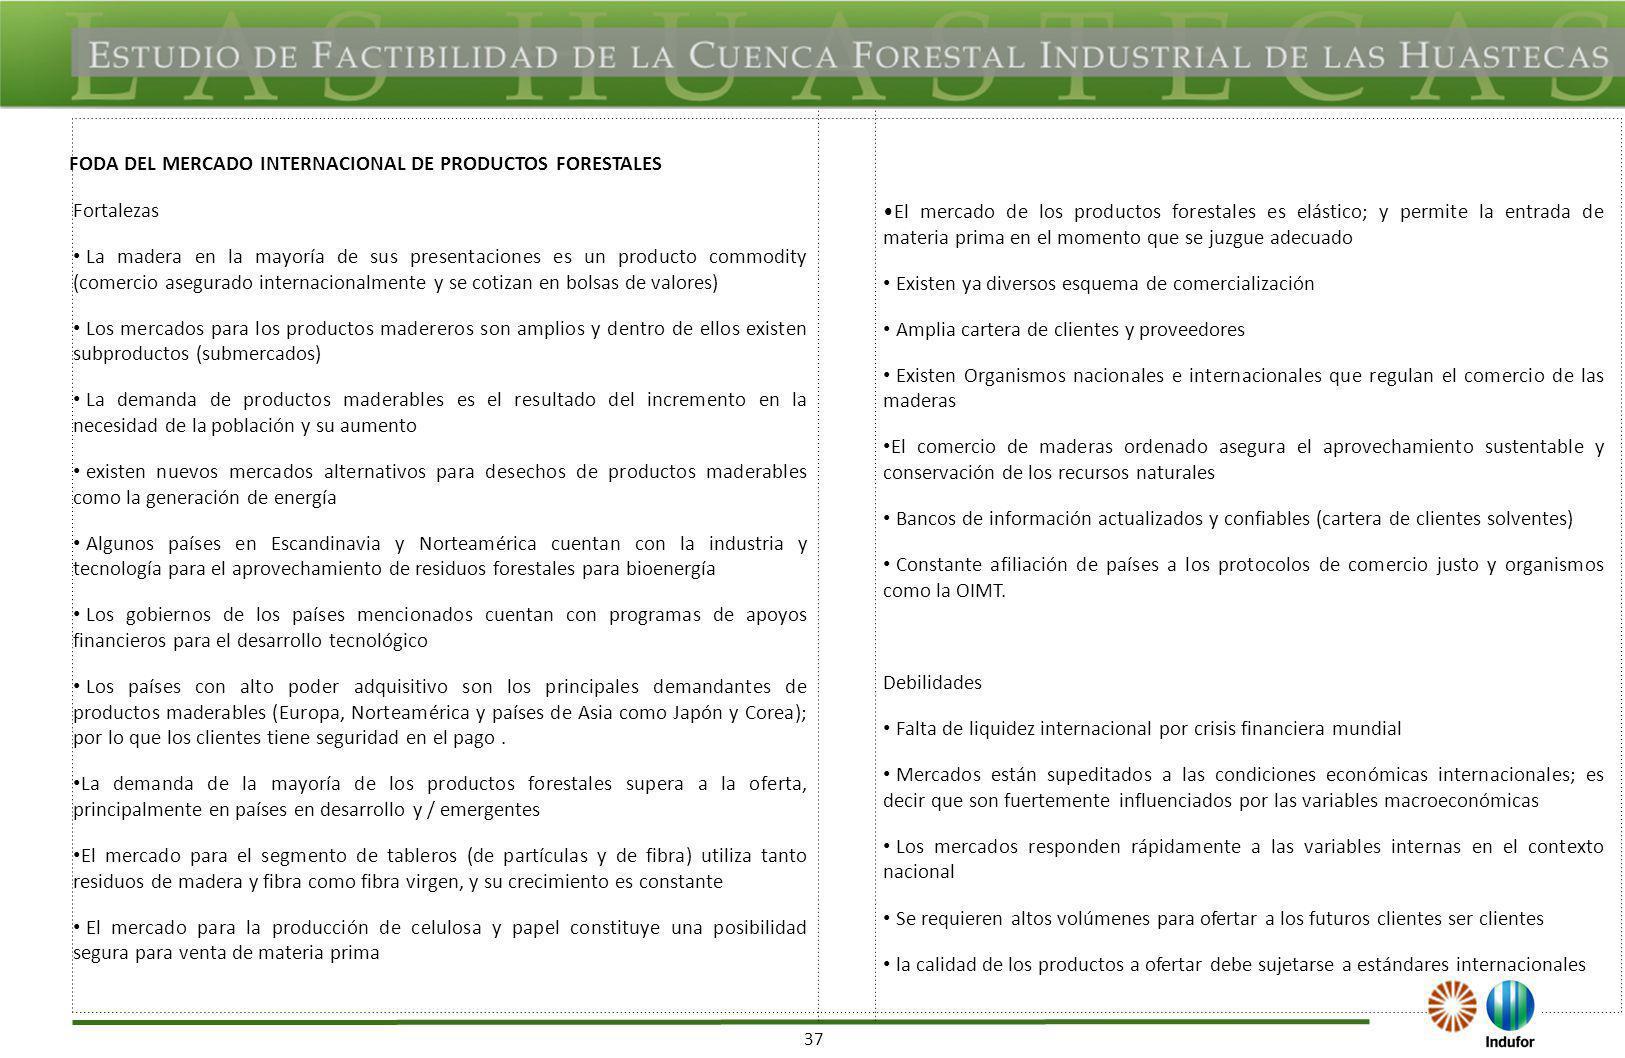 37 FODA DEL MERCADO INTERNACIONAL DE PRODUCTOS FORESTALES Fortalezas La madera en la mayoría de sus presentaciones es un producto commodity (comercio